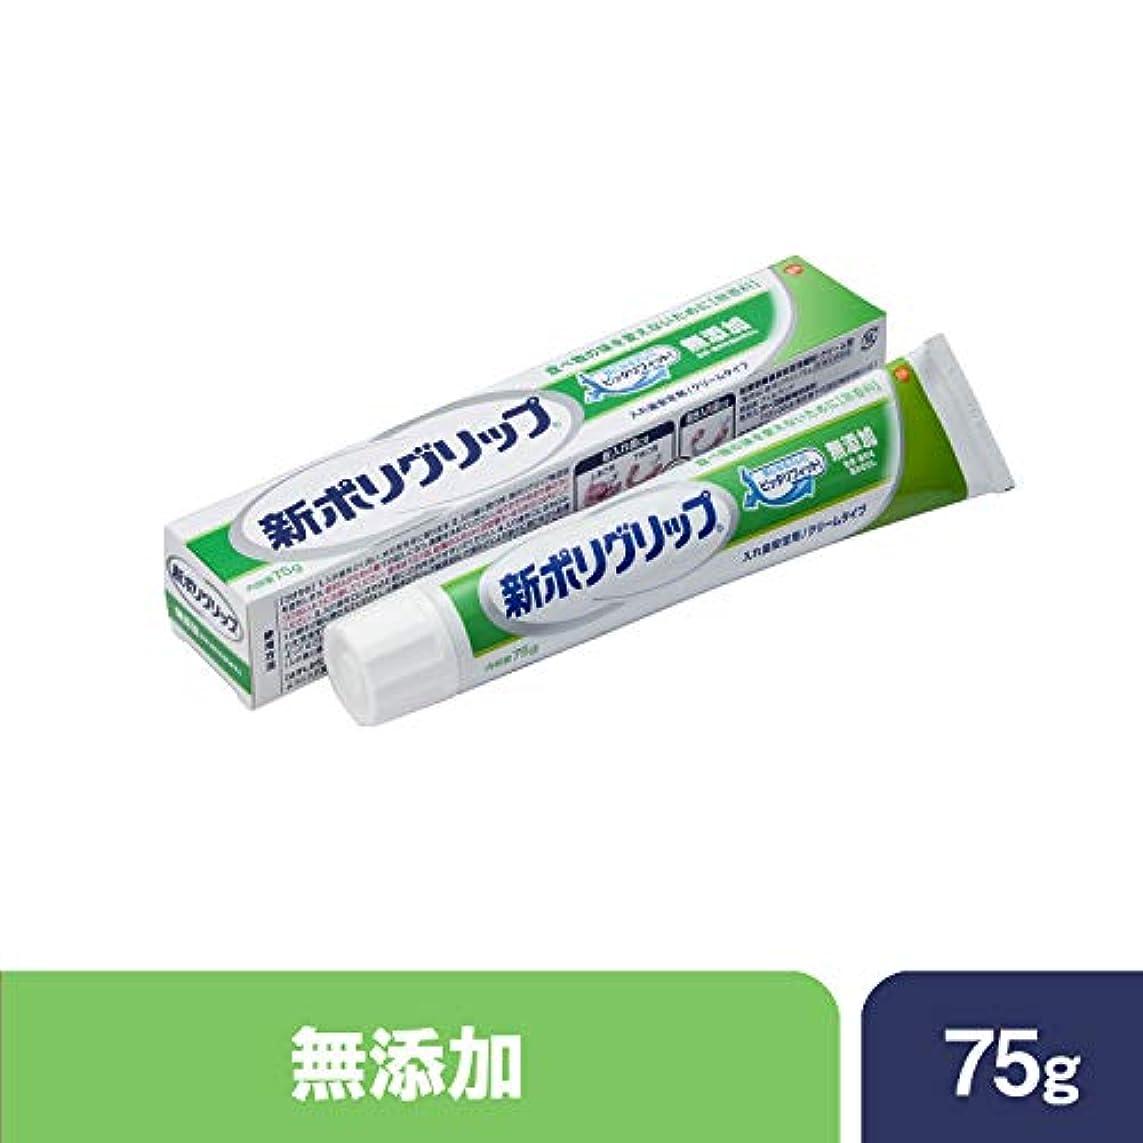 マナー特徴ボトルネック部分?総入れ歯安定剤 新ポリグリップ 無添加(色素?香料を含みません) 75g